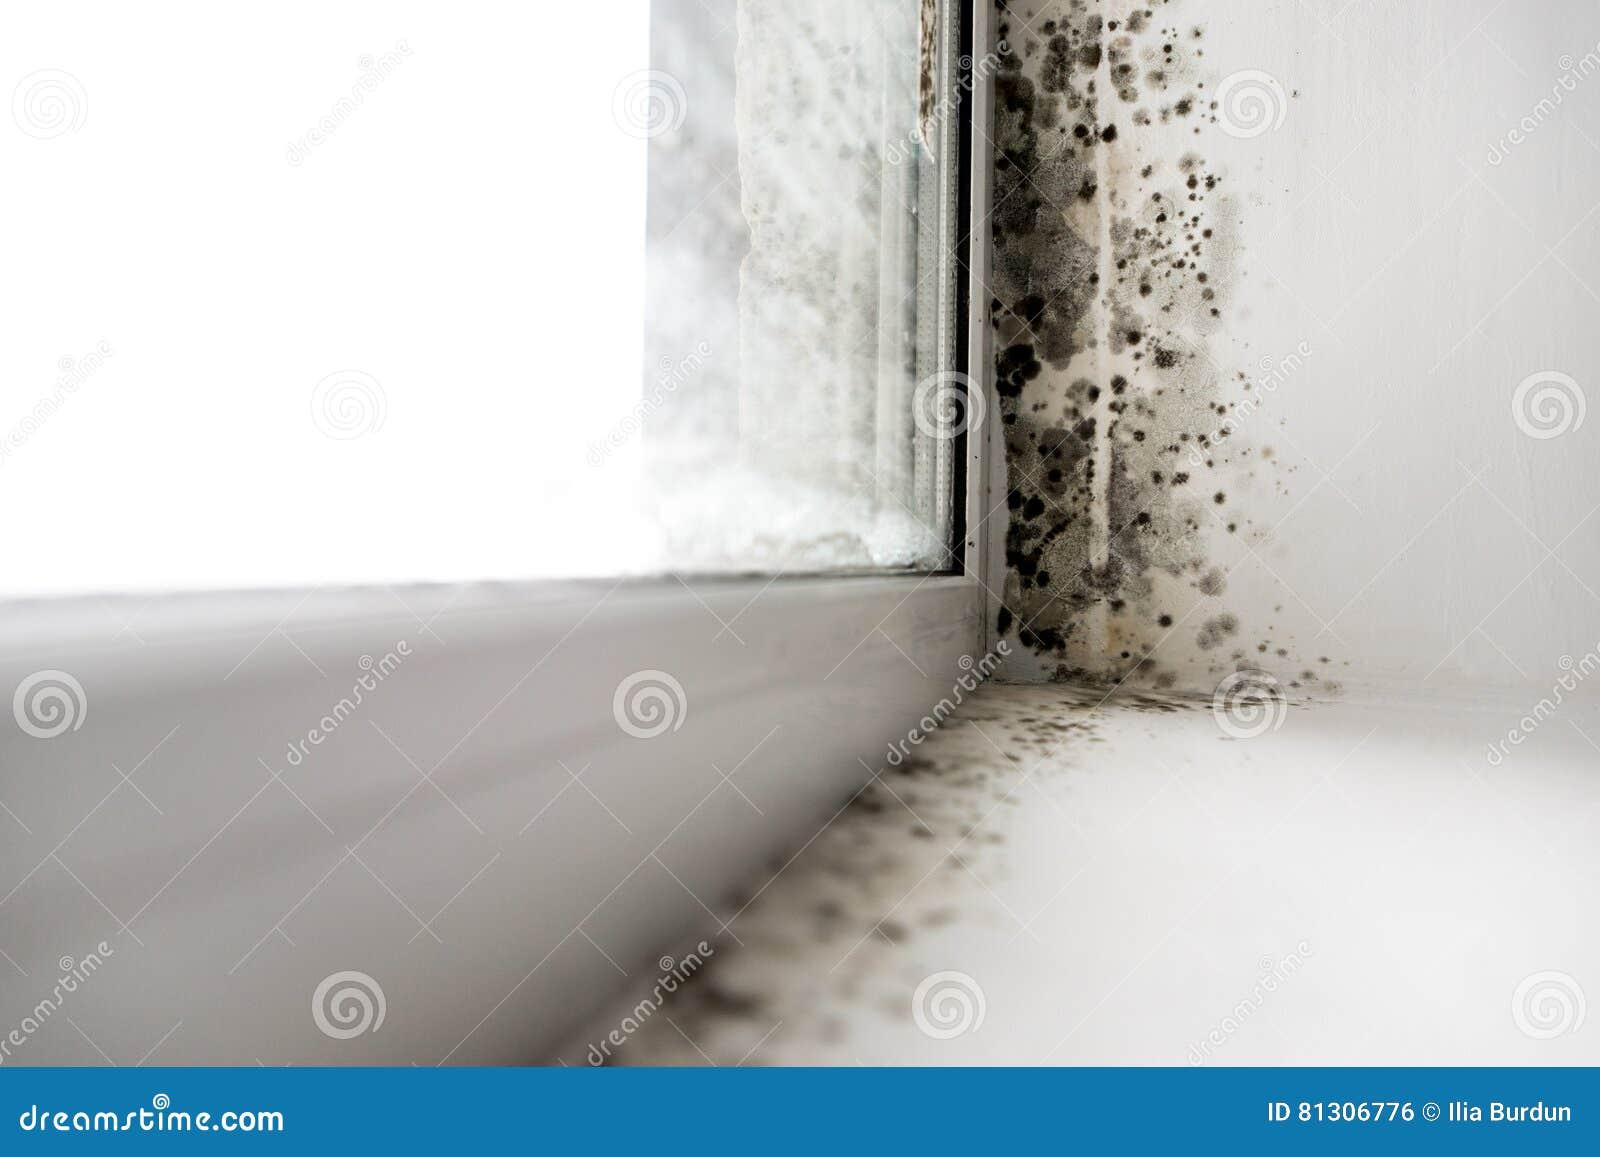 Moule dans le coin de la fenêtre